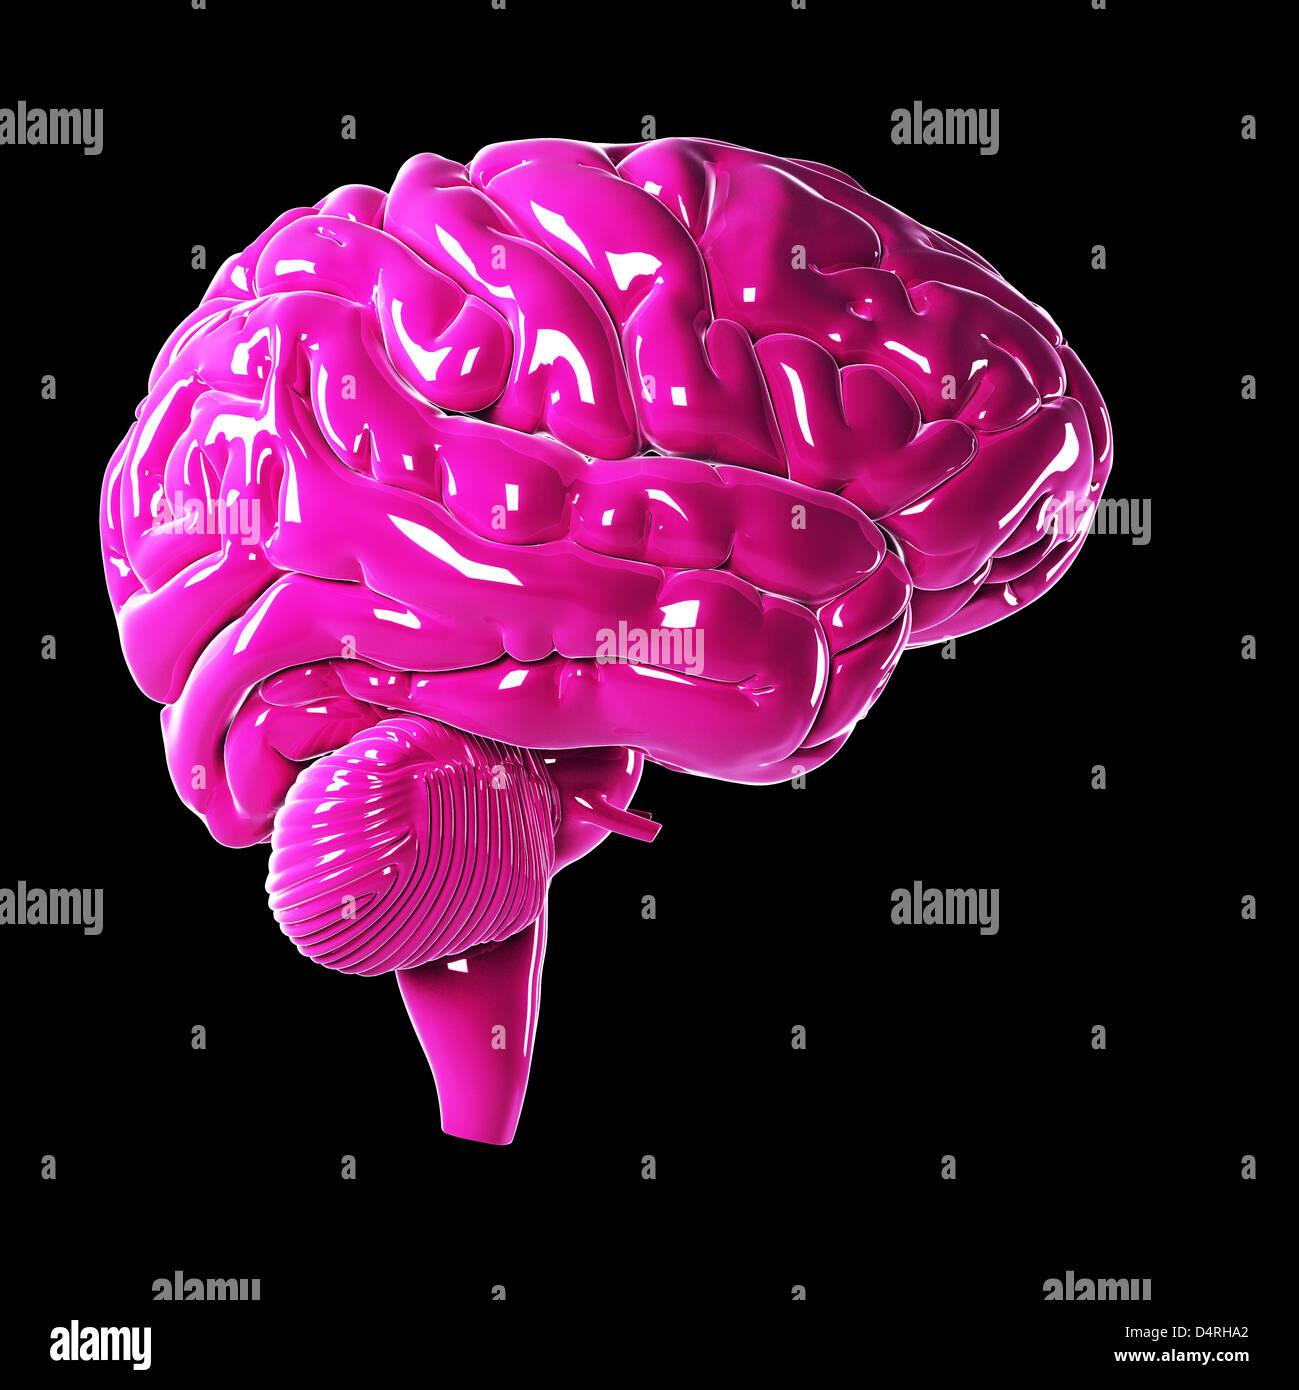 Rosa Brillante cerebro Imagen De Stock